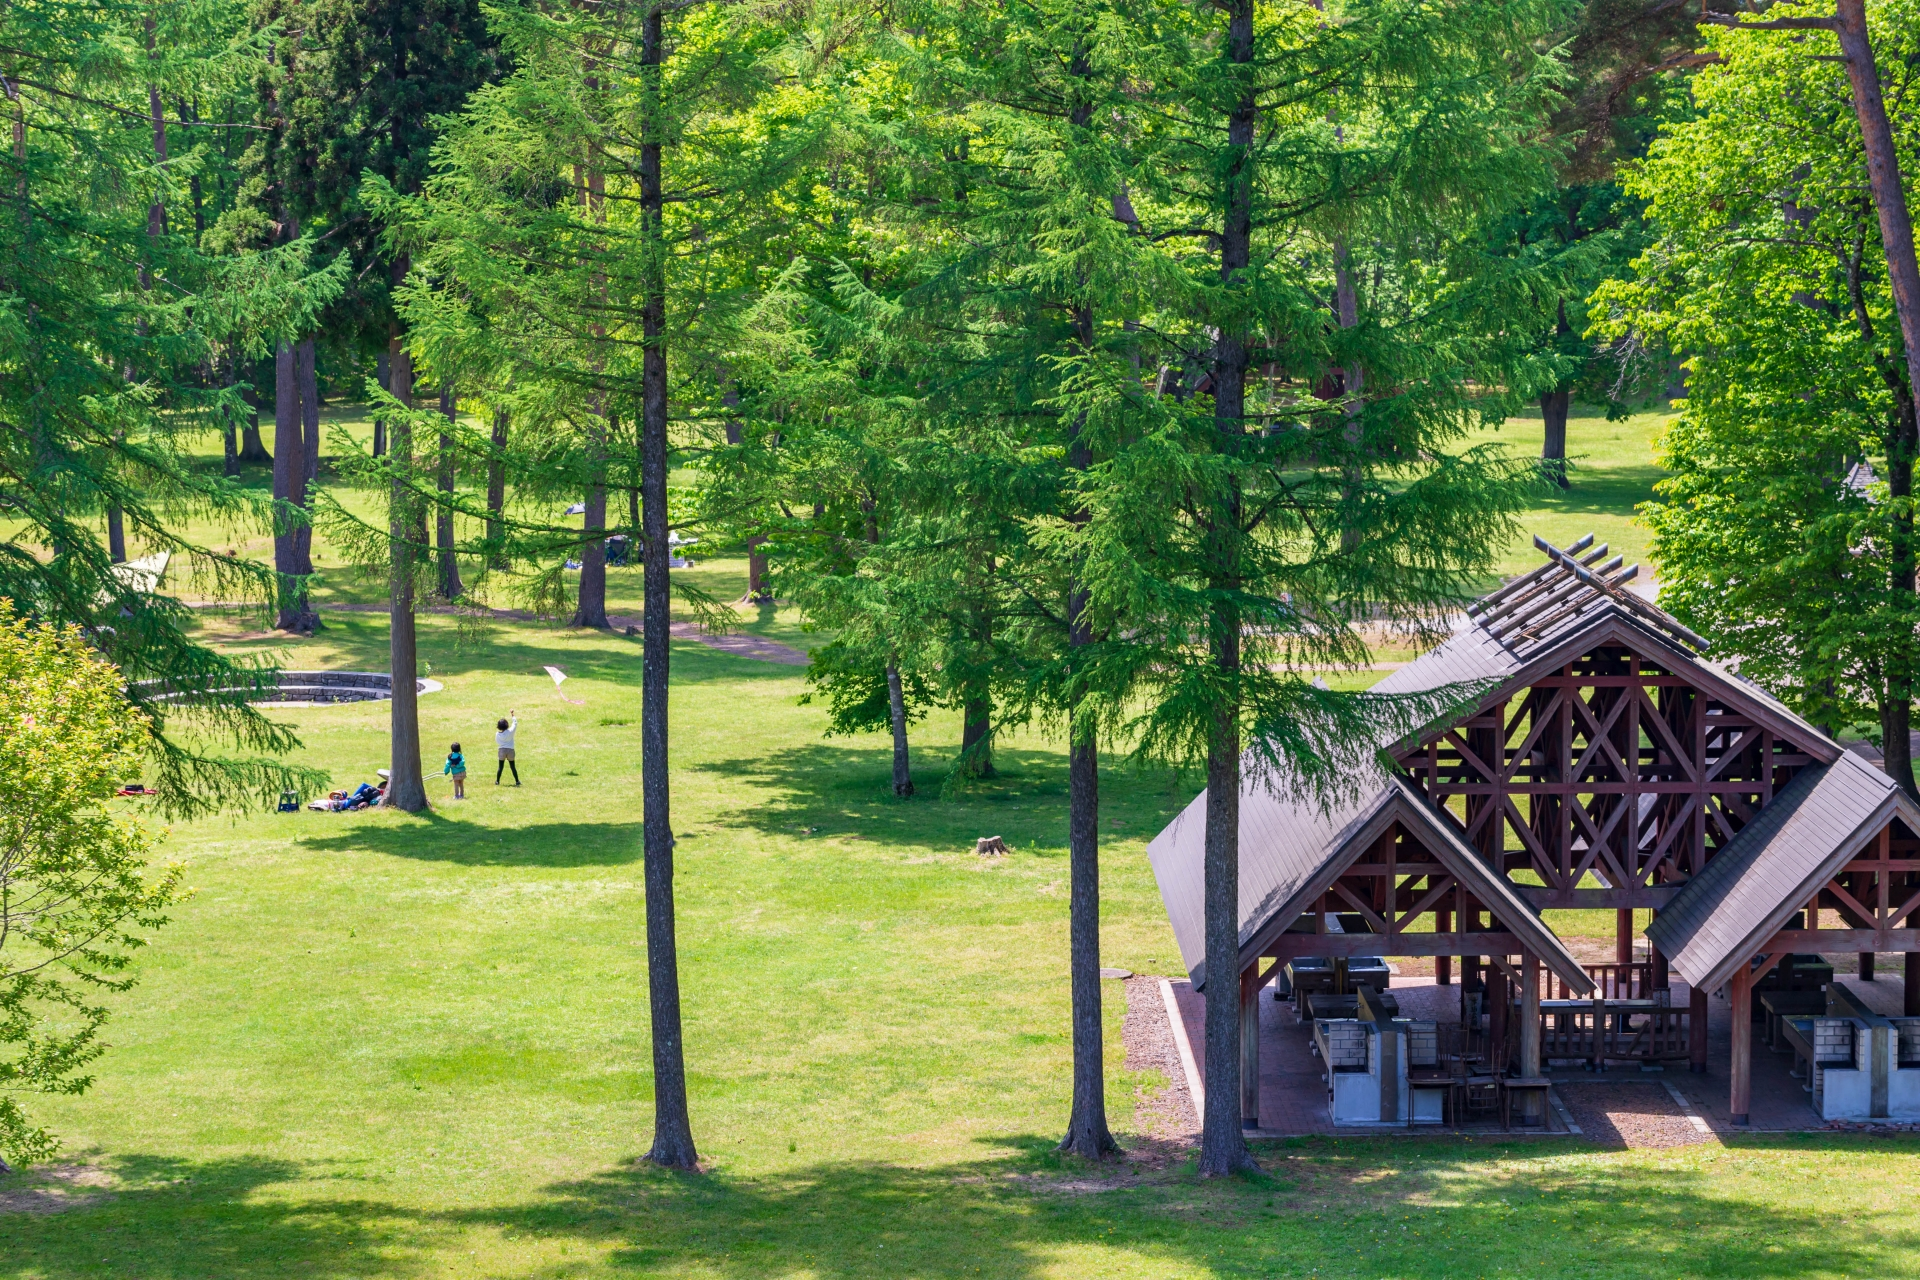 岩手のキャンプ場おすすめランキングTOP11!無料で利用できる施設もあり!